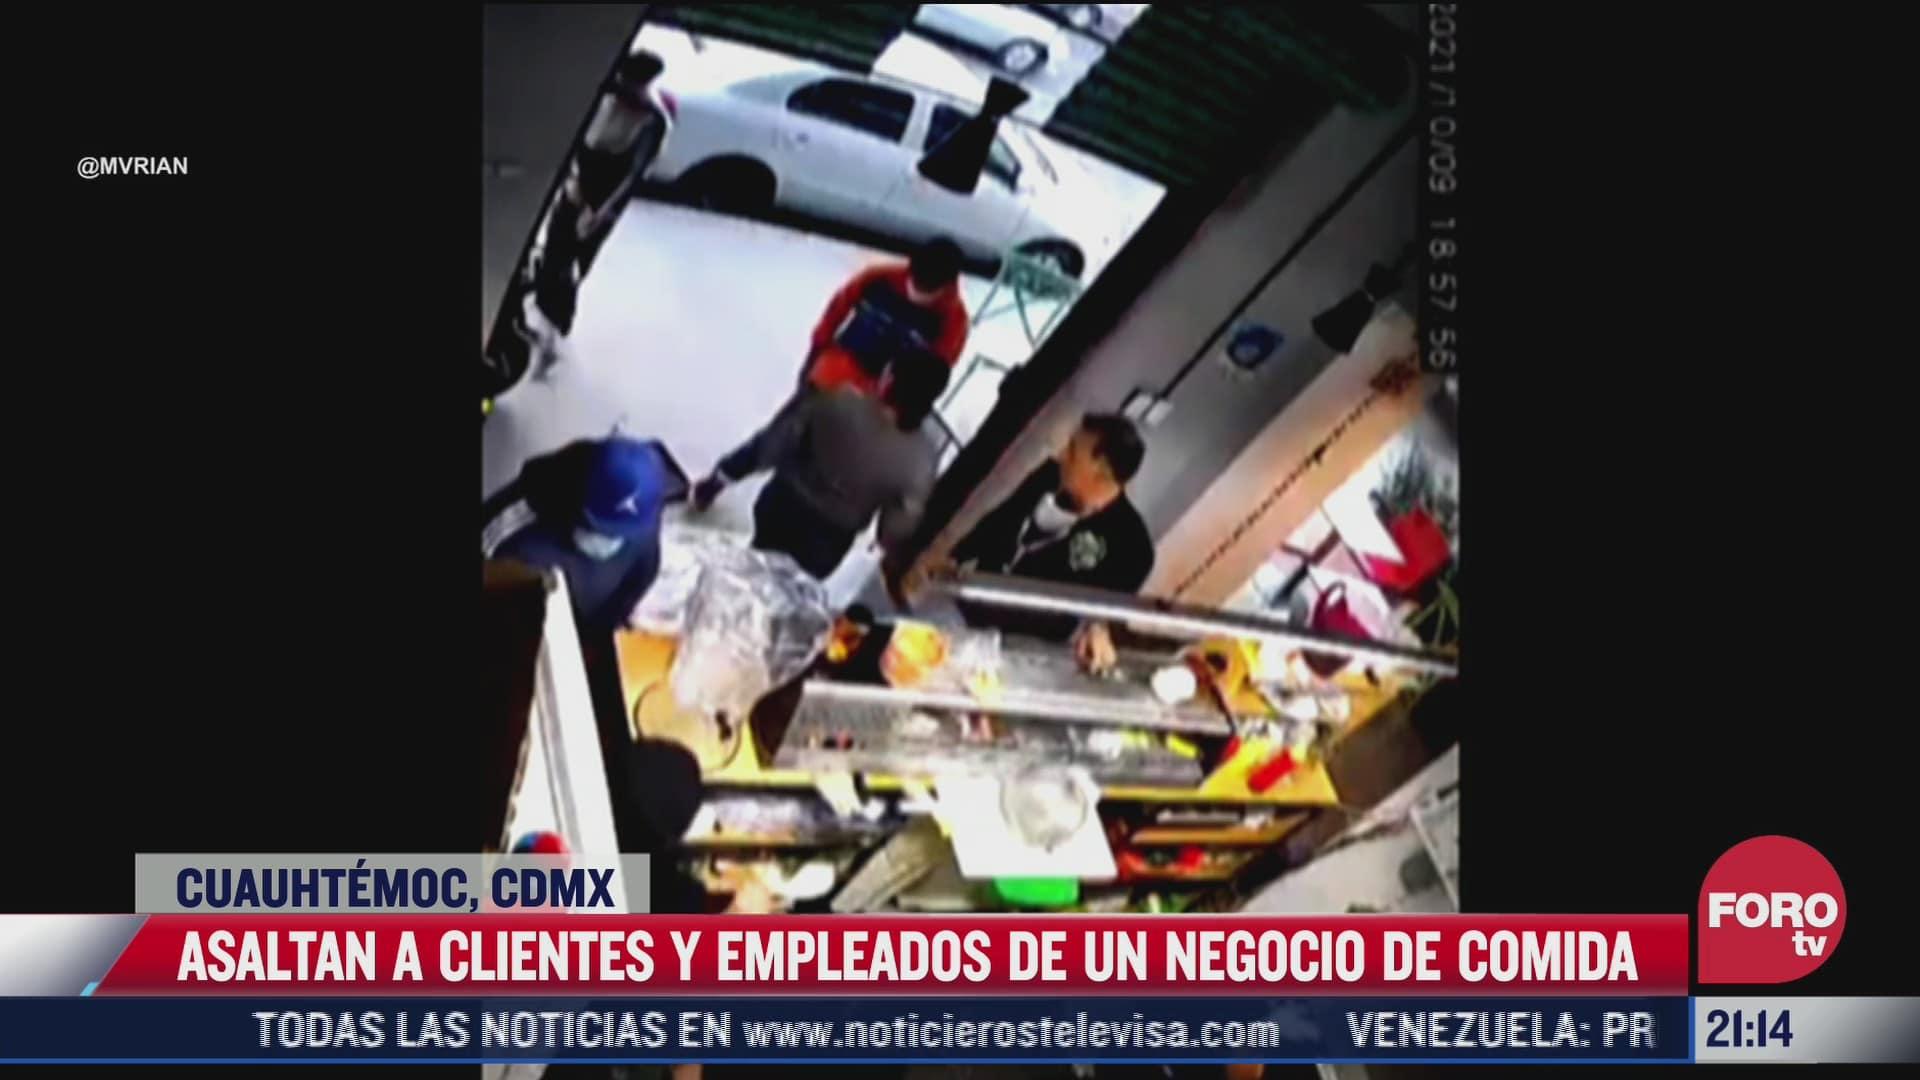 video asaltan negocio de comida en cuauhtemoc cdmx